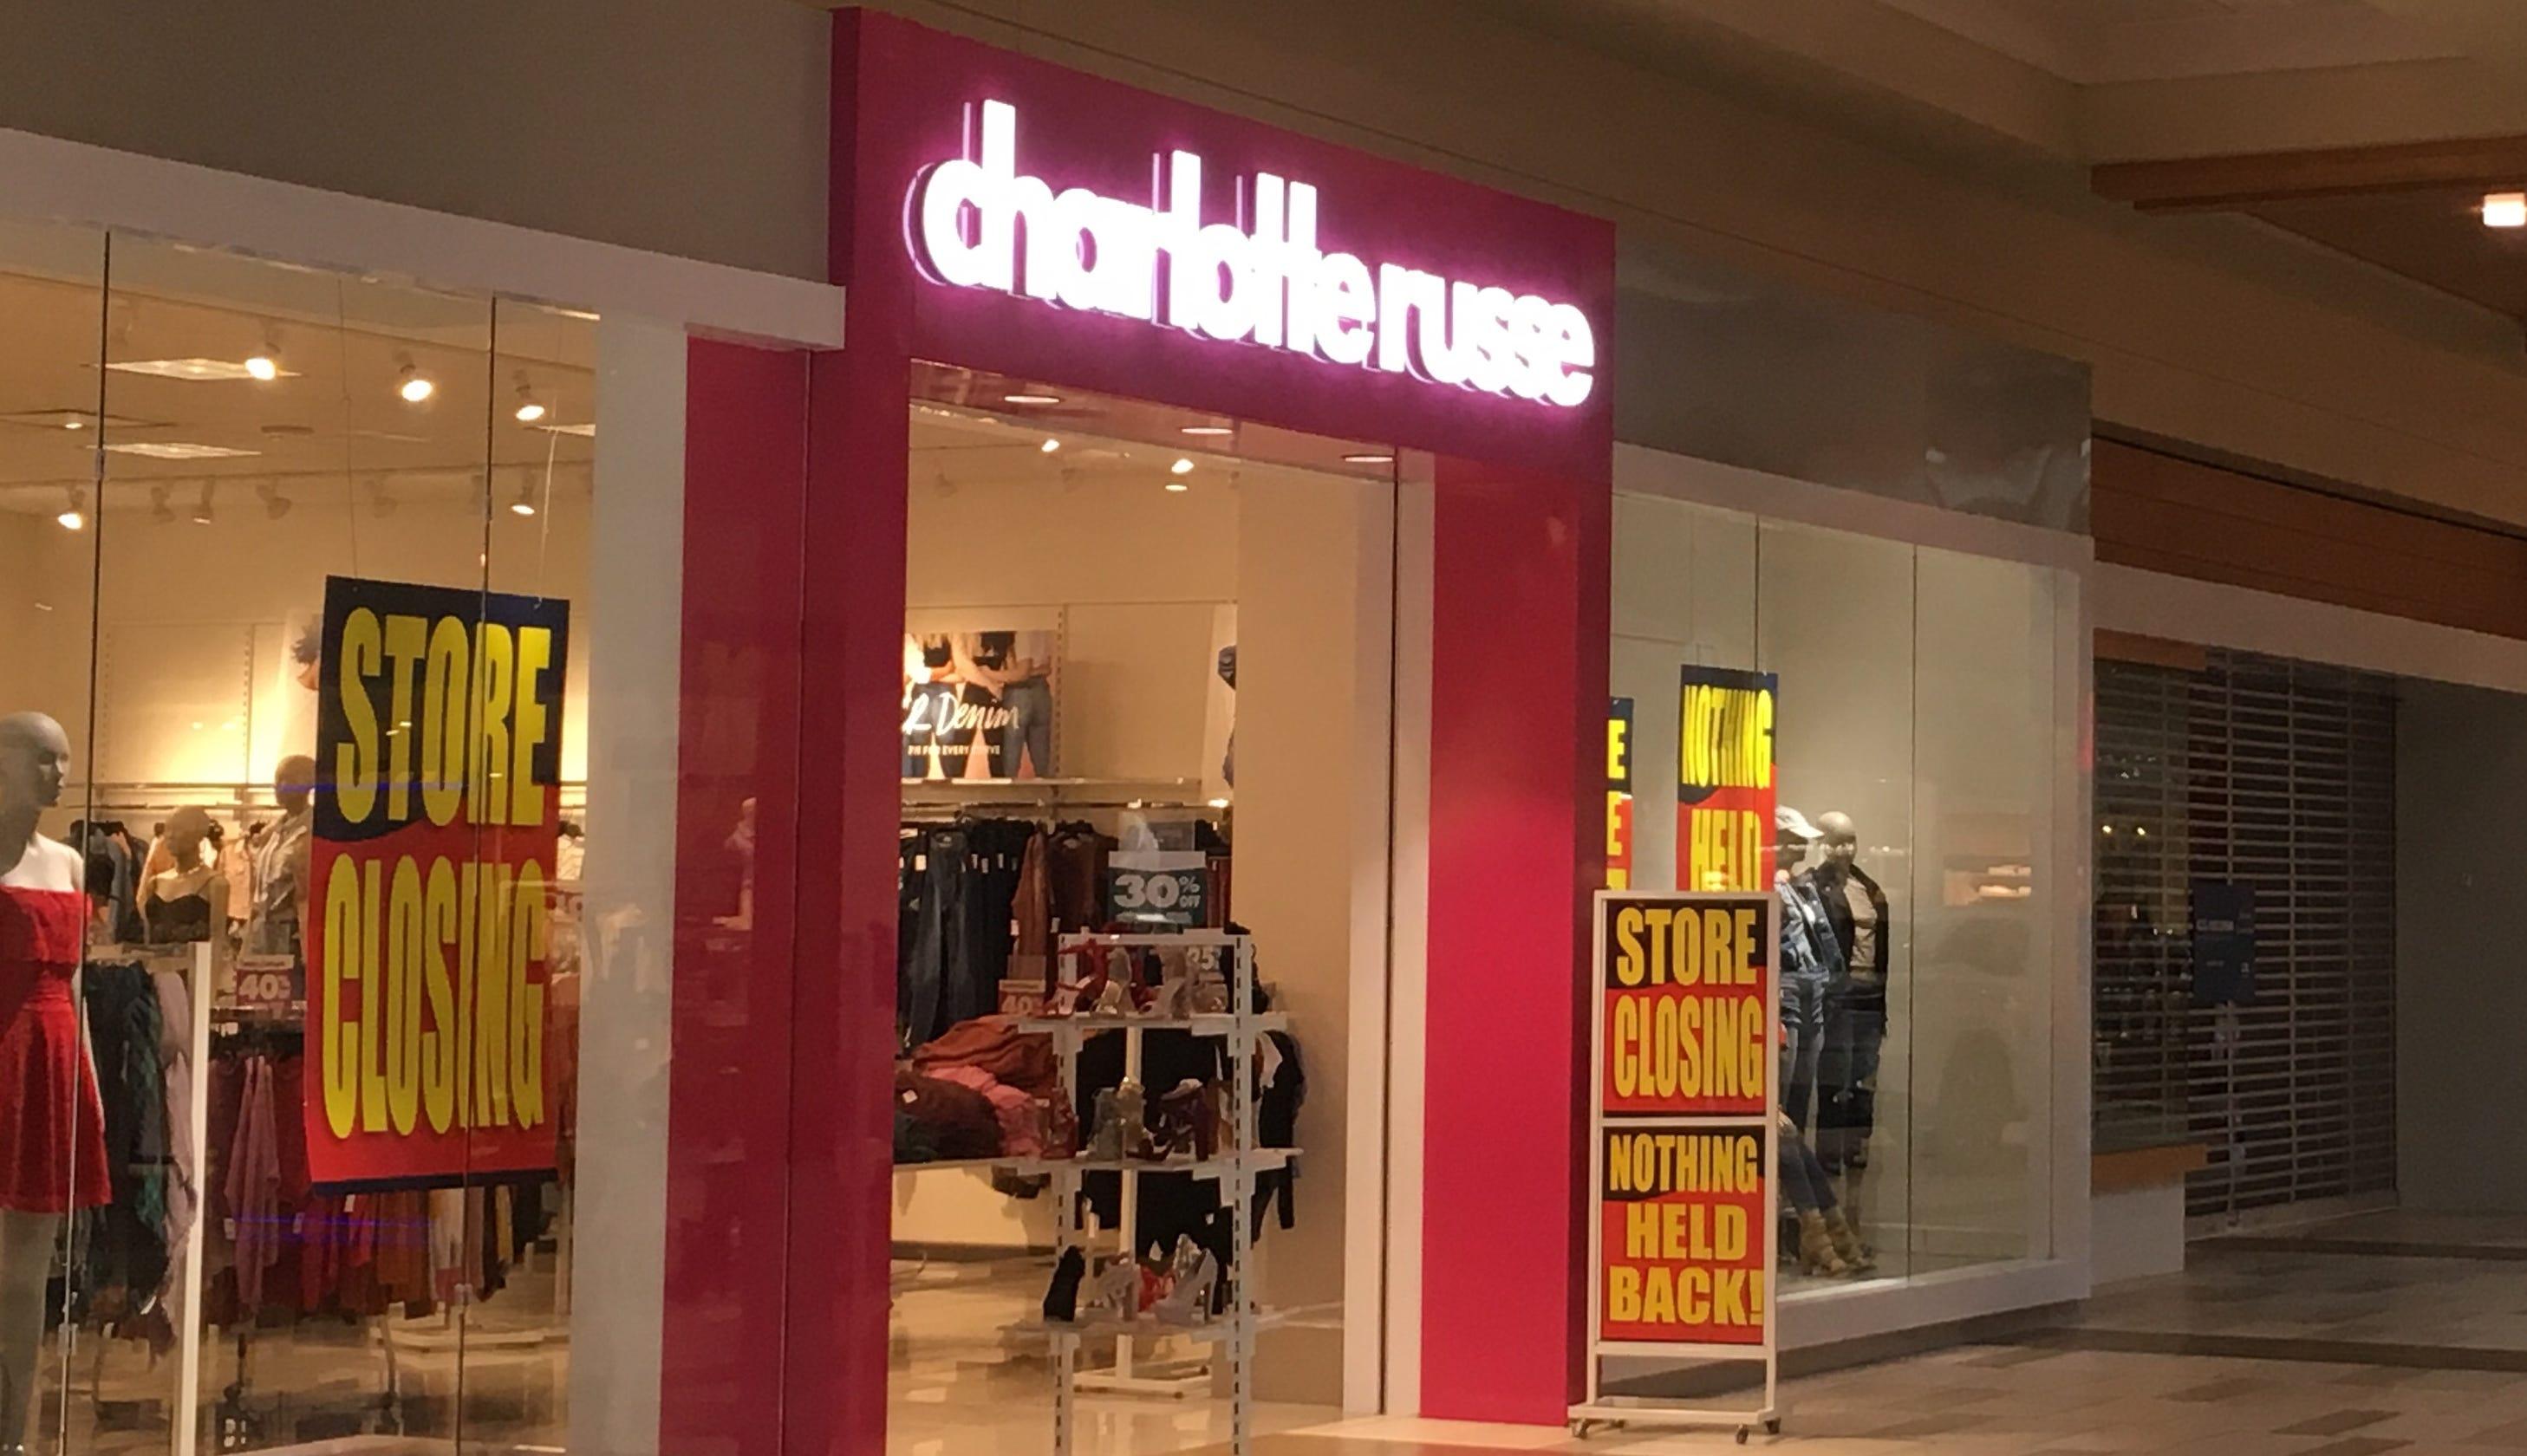 e9e39e2191d Women s apparel retailer Charlotte Russe to close all stores